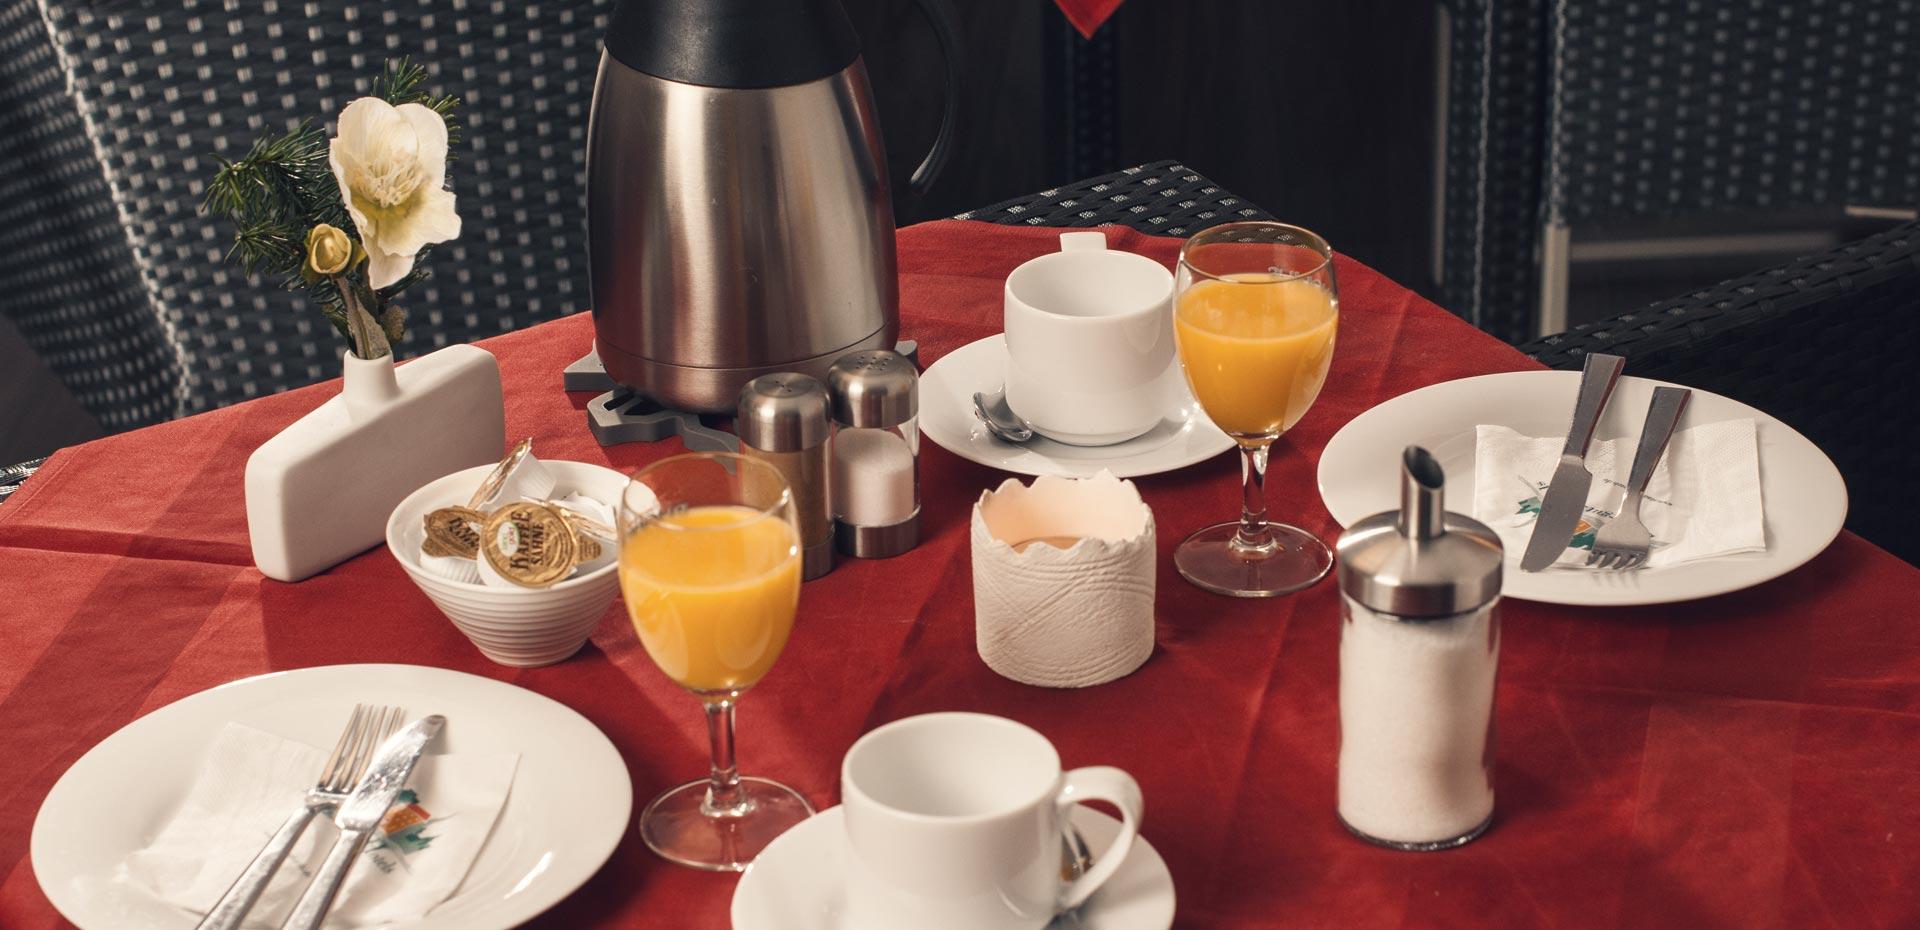 Frühstück im Hotel Frechener Hof